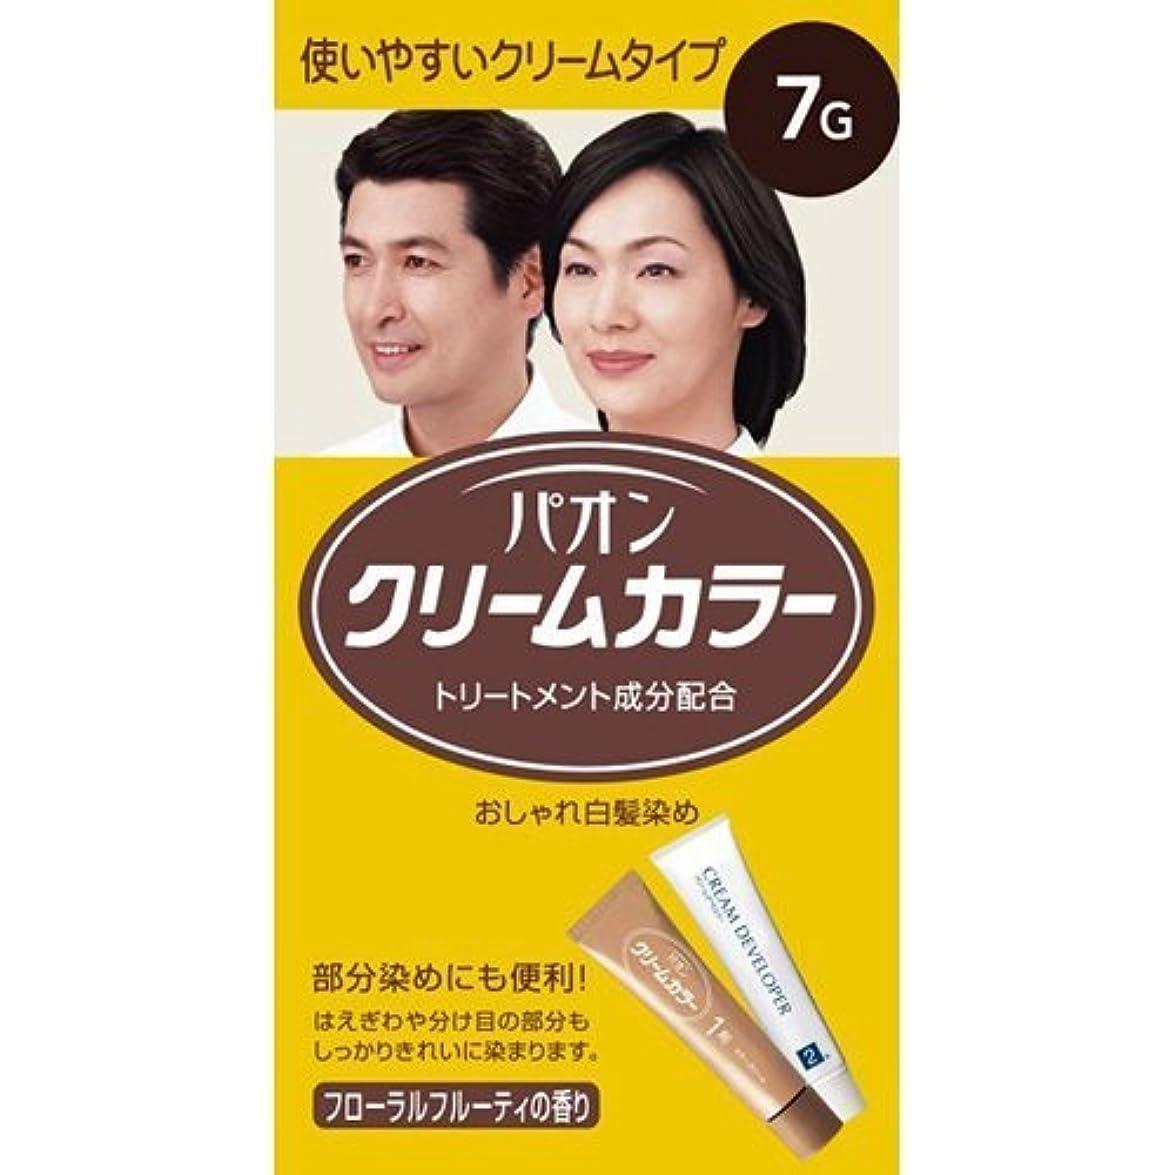 【シュワルツコフ ヘンケル】パオンクリームカラー7-G自然な黒褐色40g+40g